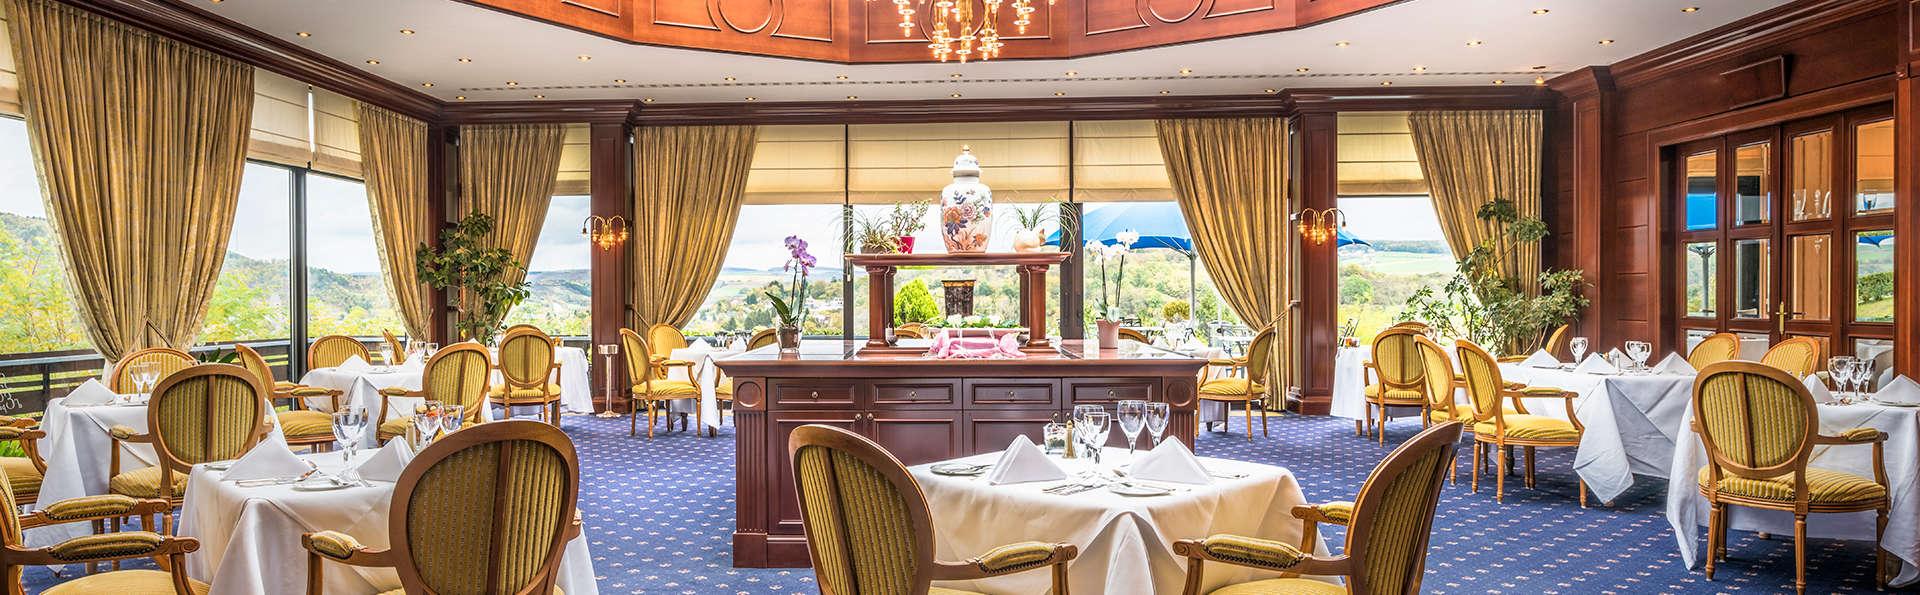 Hôtel de charme avec vue imprenable au coeur du Luxembourg pour une escapade de rêve